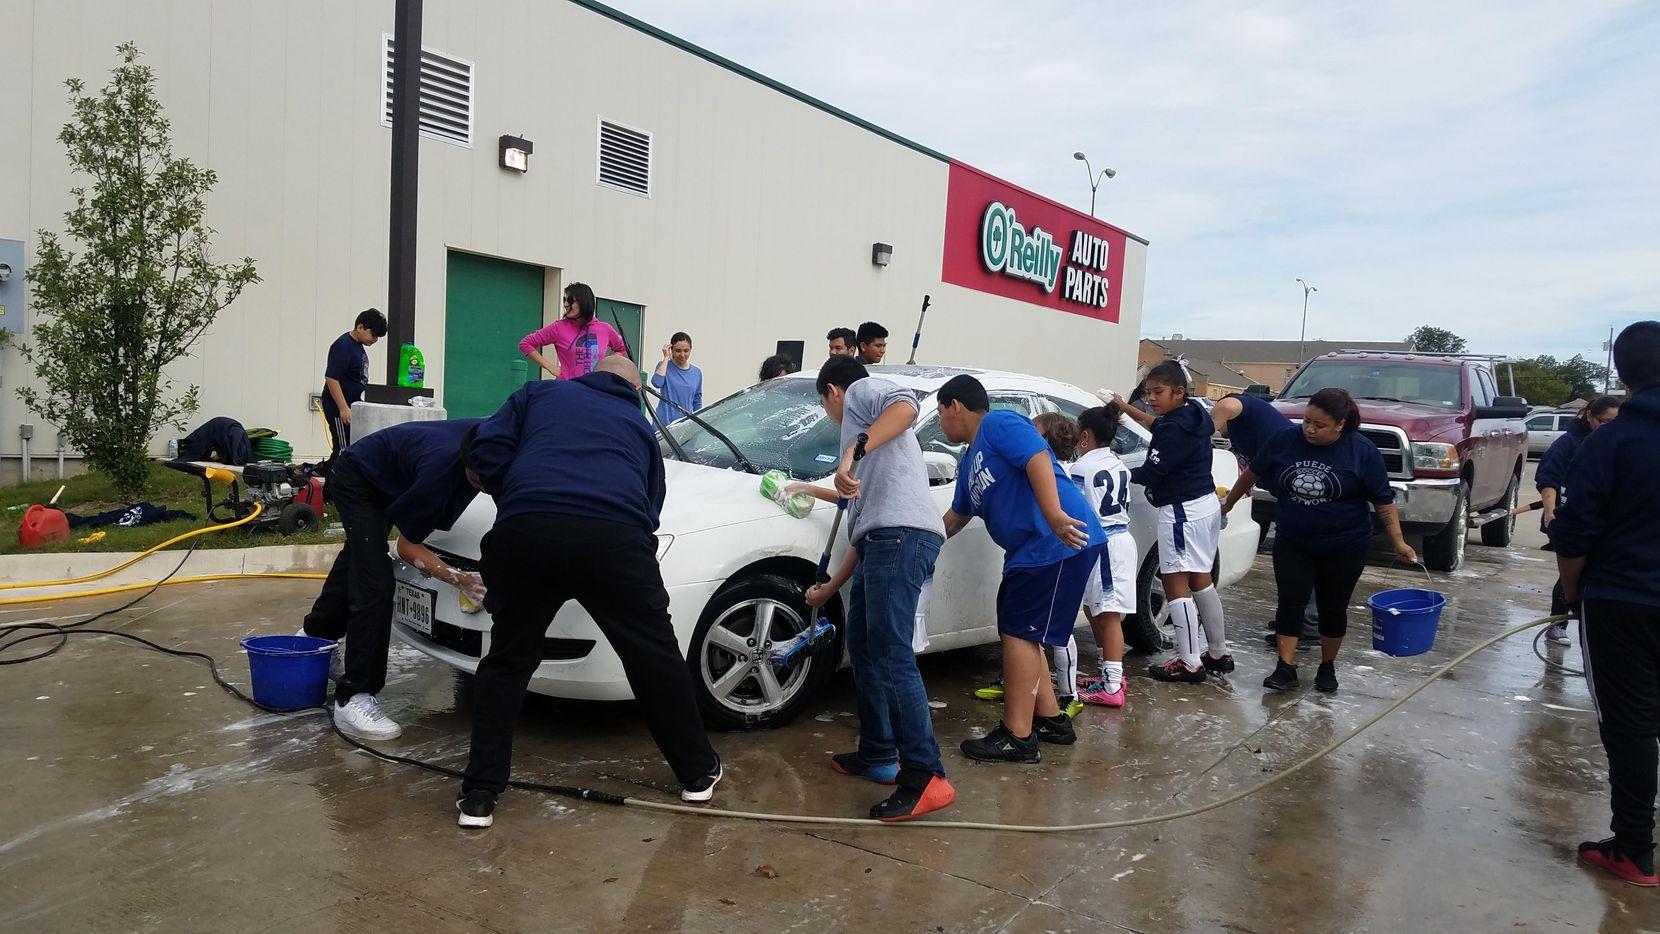 Voluntarios de Puede Network realizaron una recaudación de fondos para ayudar a un entrenador de futbol que fue arrestado por ICE. (ESPECIAL PARA AL DÍA/LOURDES VÁSQUEZ)